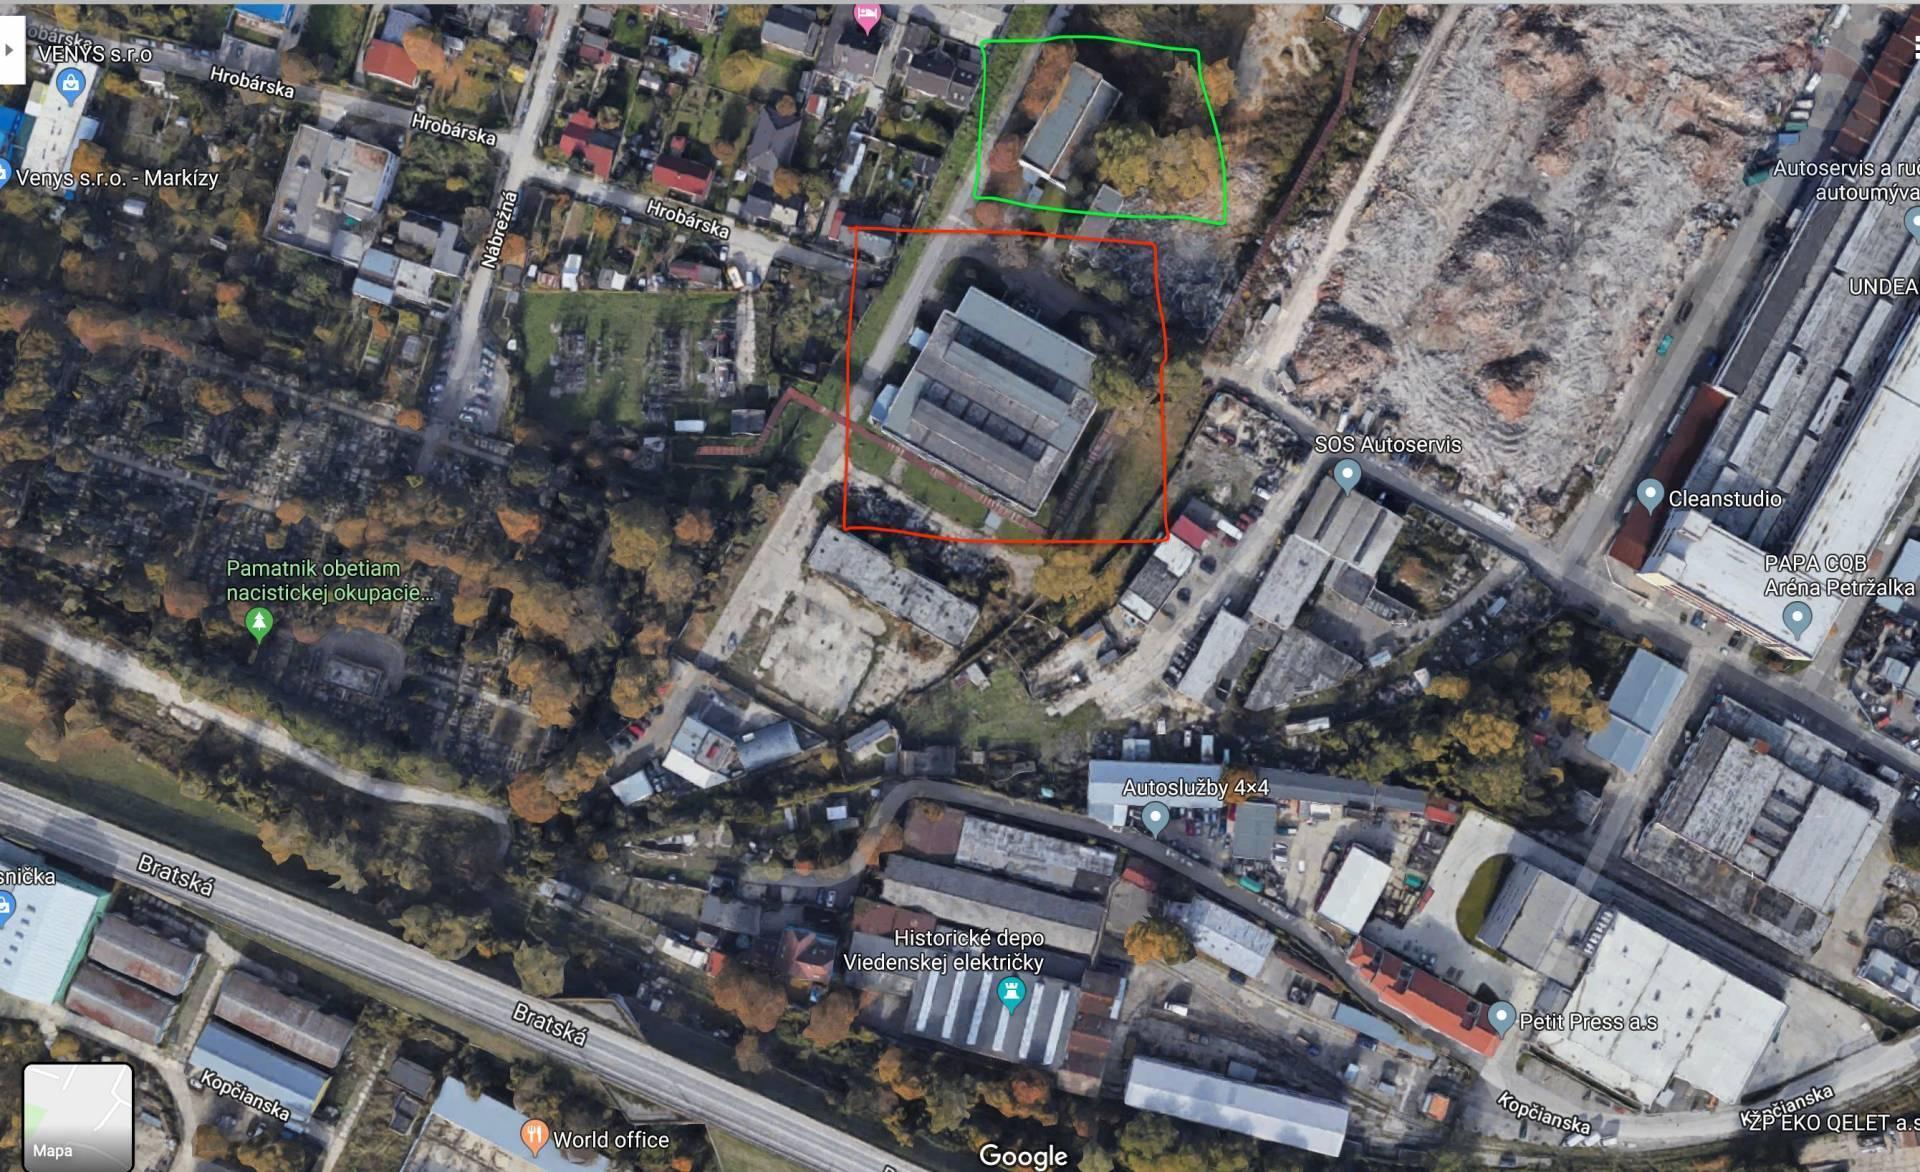 Prenájom komerčného priestoru 2250 m2, Bratislava - Petržalka -